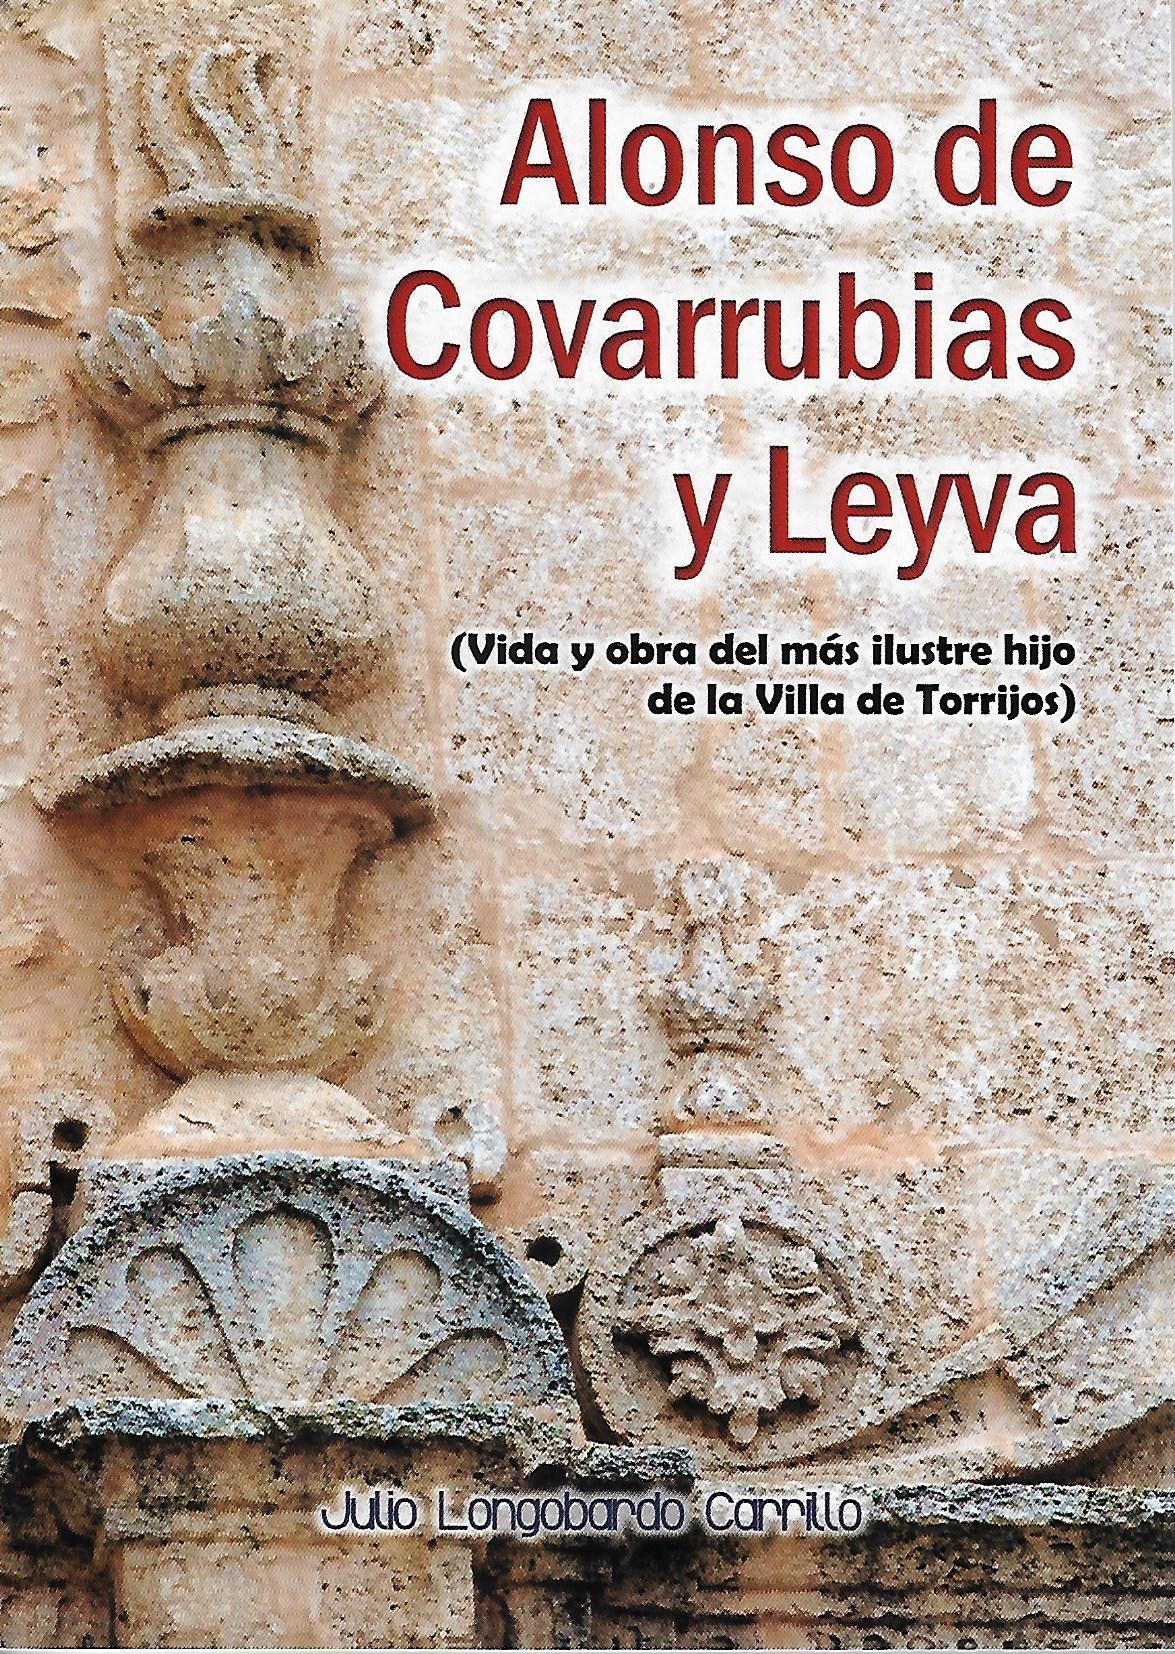 Alonso de Covarrubias y Leyva